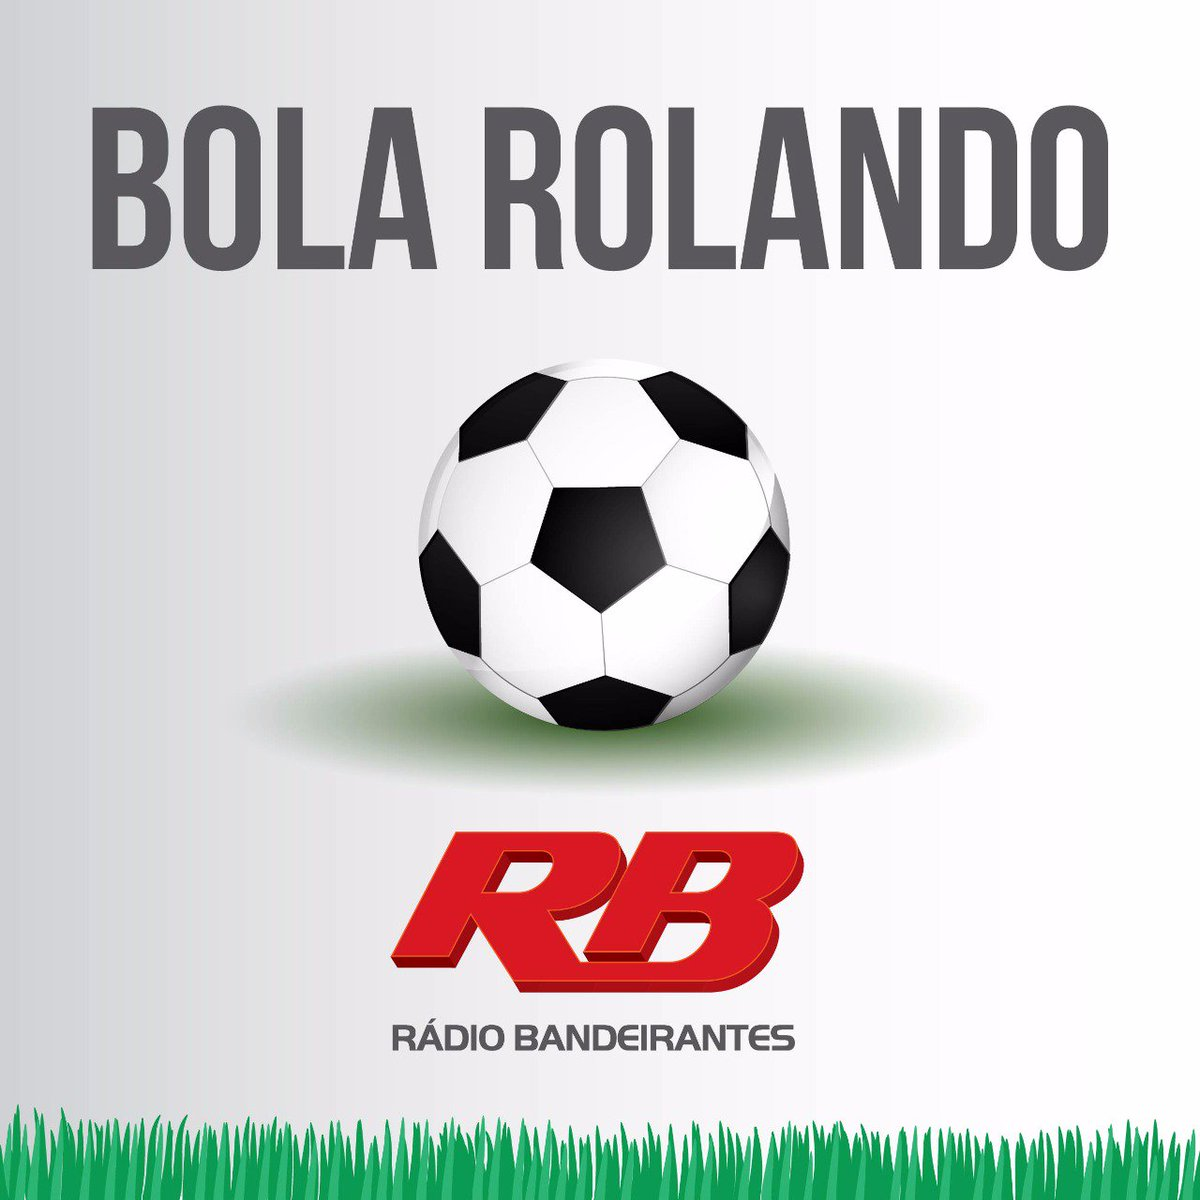 29' 2°T: PERDEU! Felipe Melo, com paradinha, manda a bola no setor Gol Norte do Allianz Parque. Segue 4 a 0.  OUÇA! https://t.co/U2xT9xdC3T